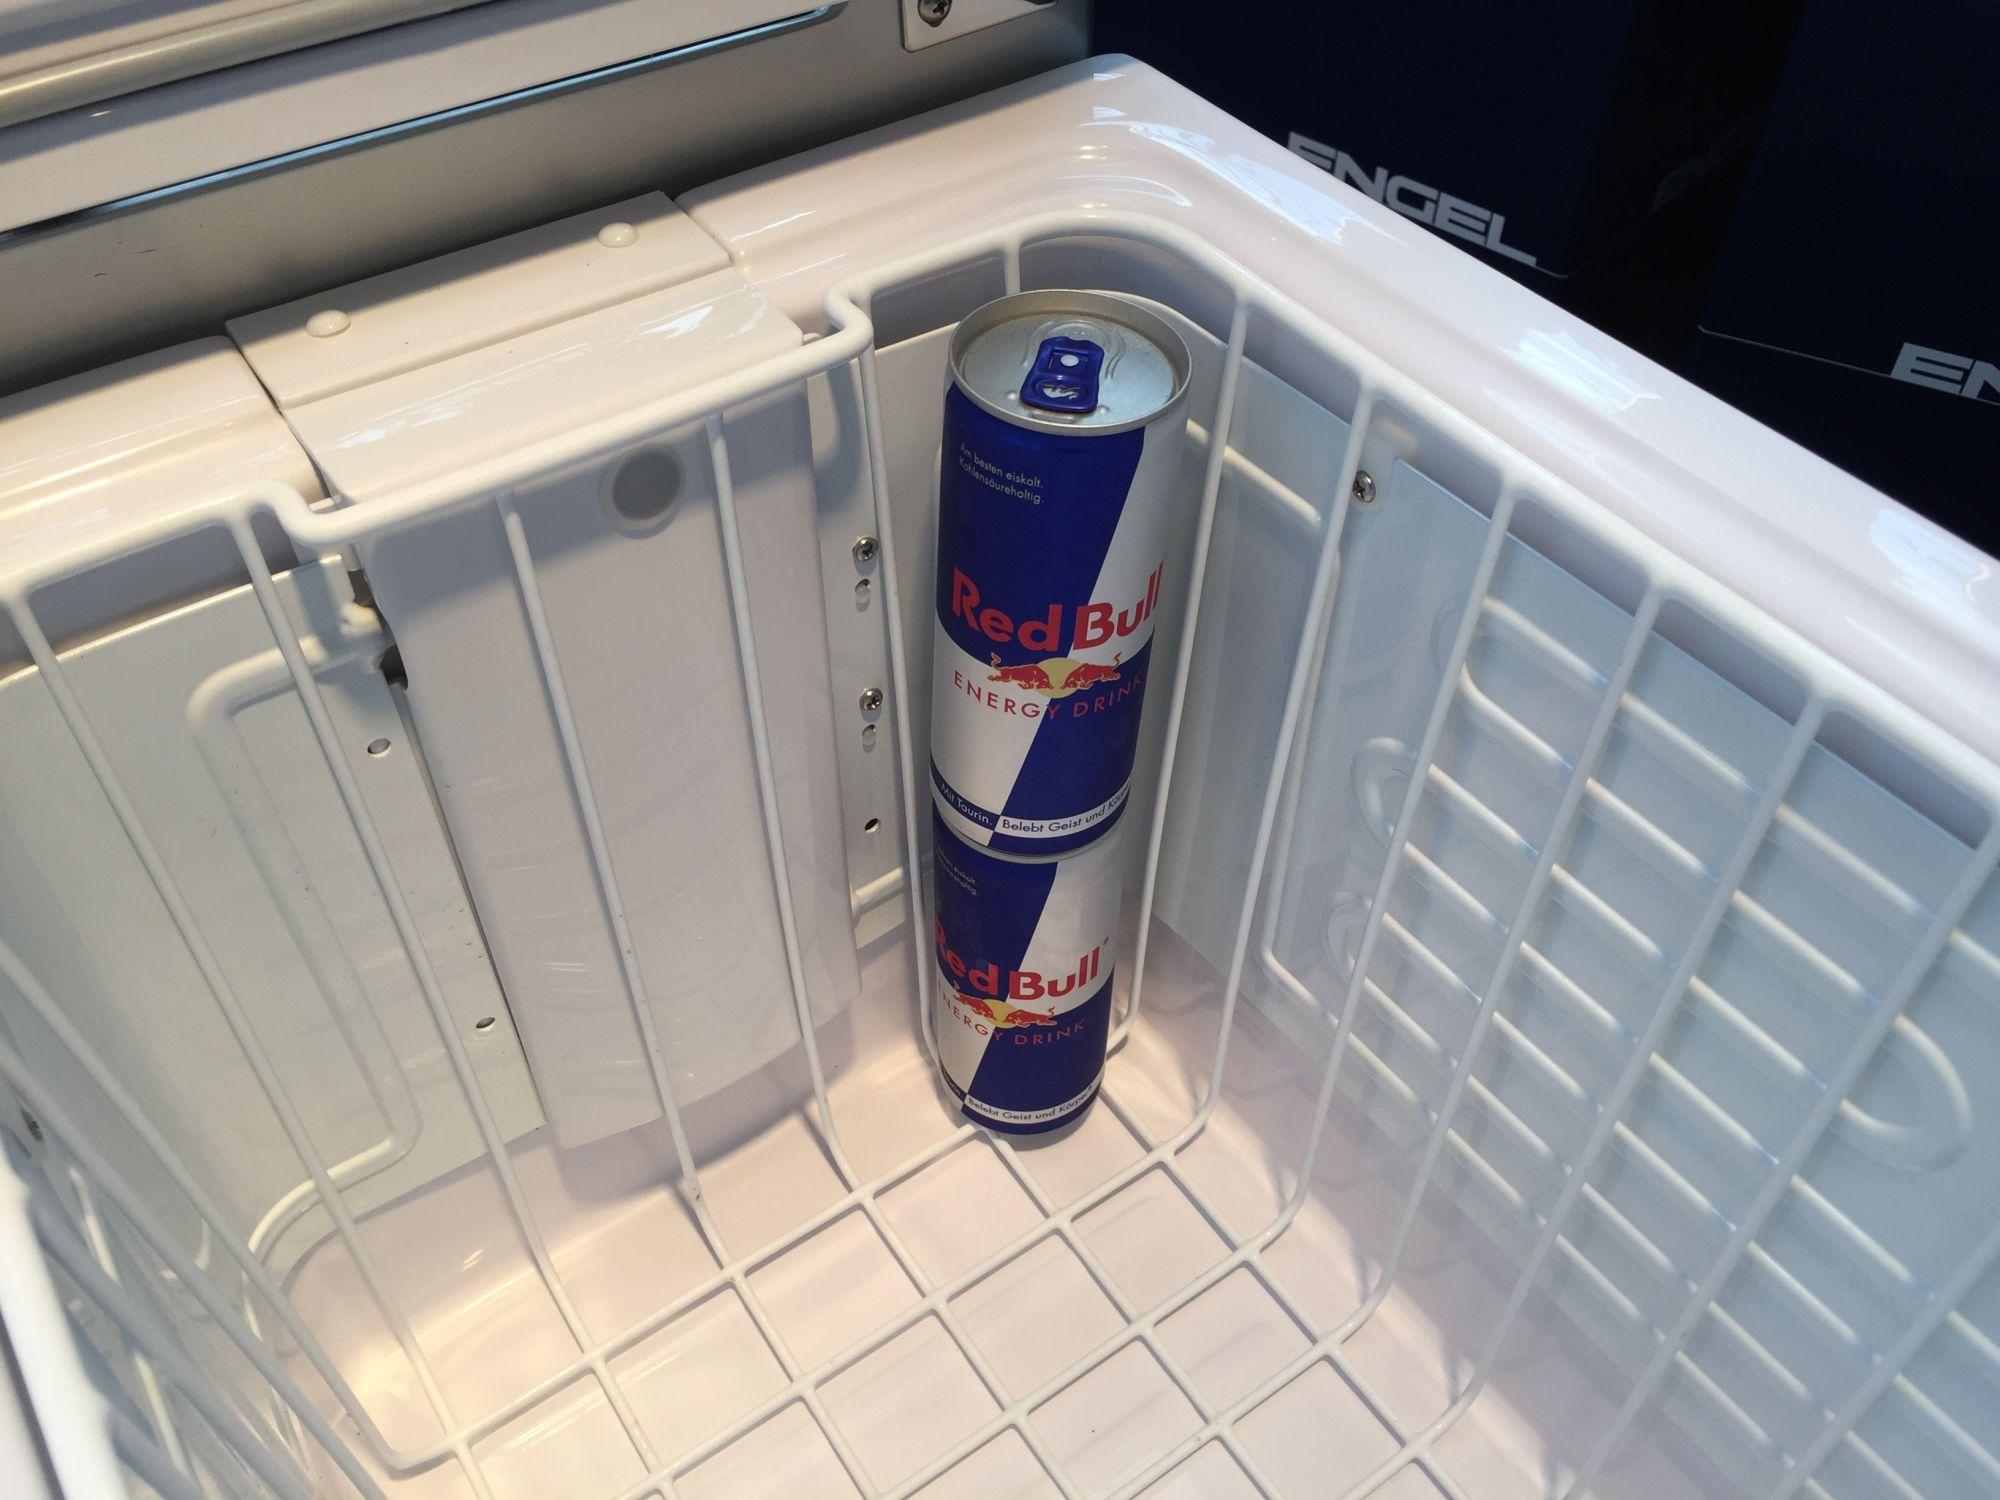 Red Bull Mini Kühlschrank Gewicht : Camping kühlschrank günstig online kaufen lionshome